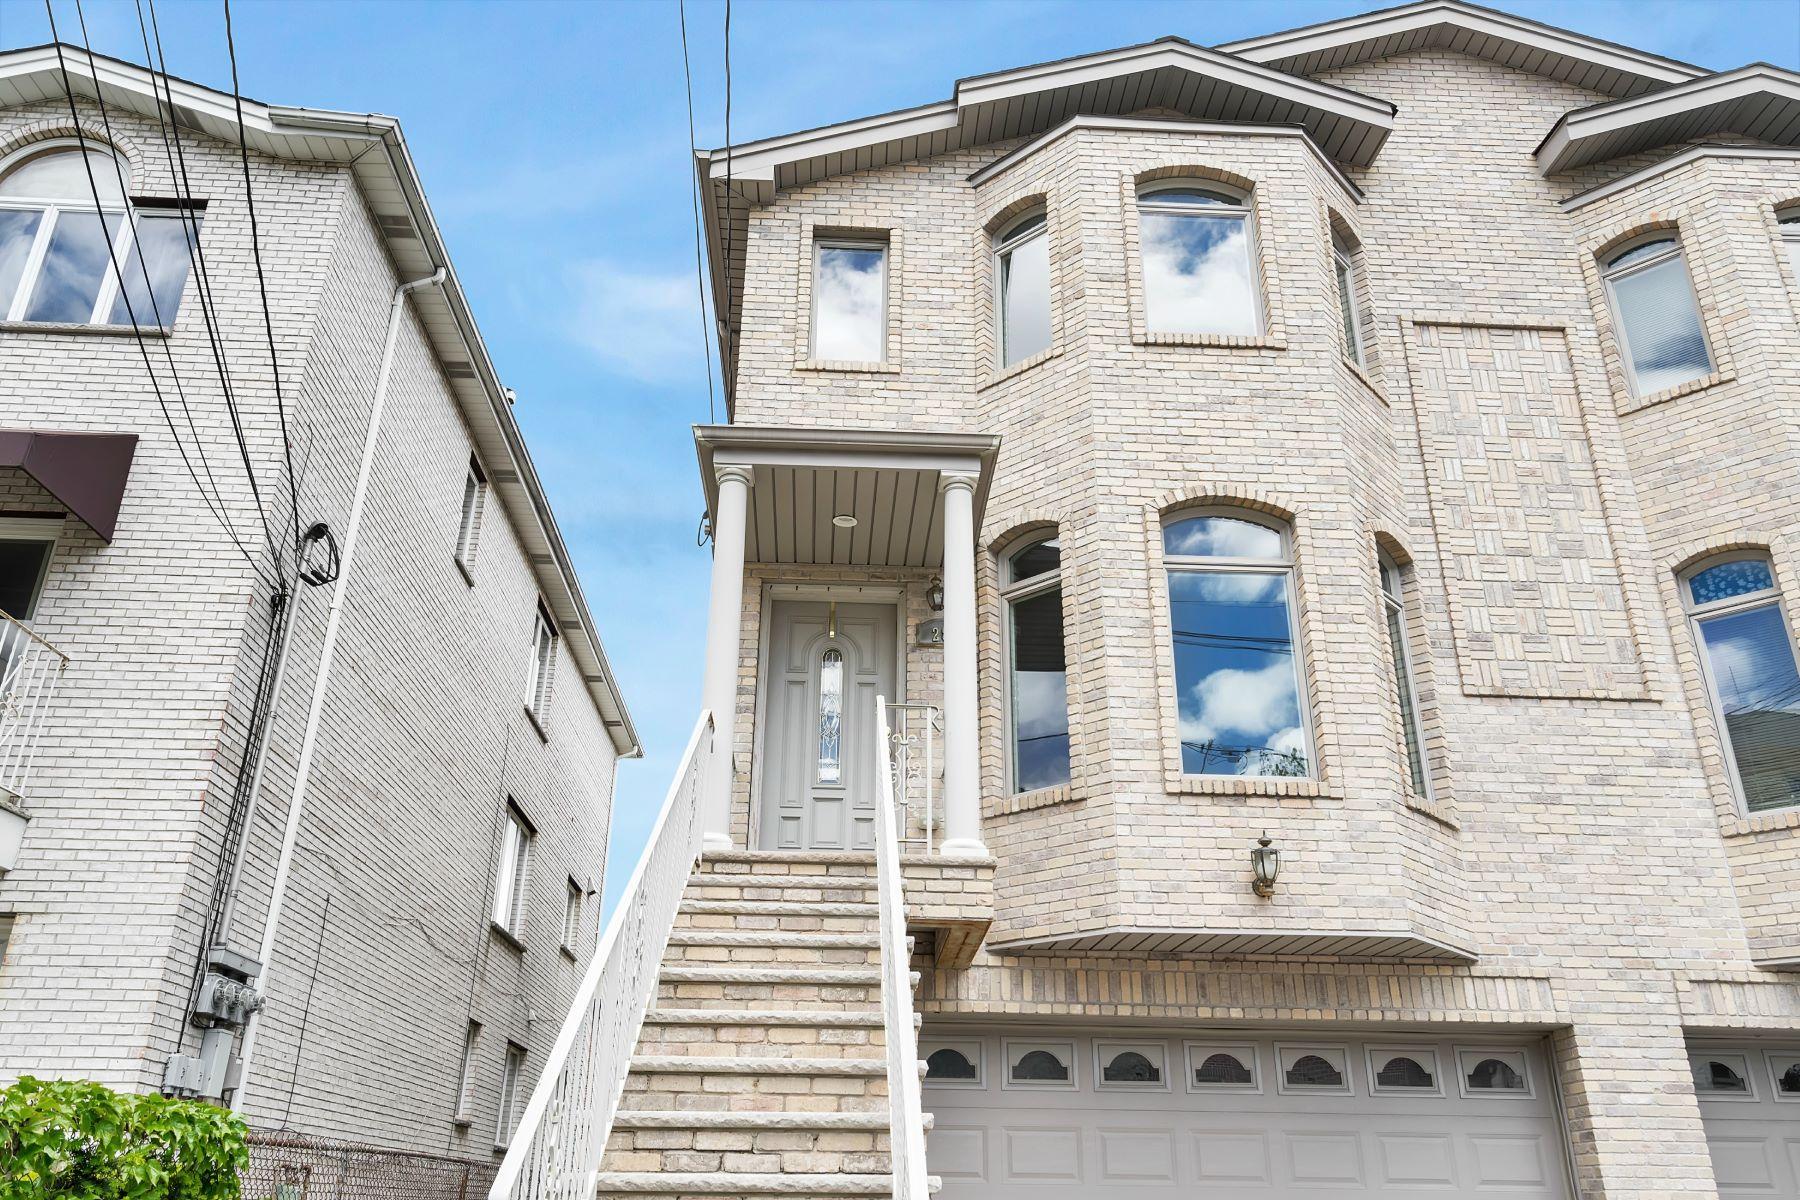 联栋屋 为 销售 在 287 Knox Avenue 克里夫赛德帕克, 新泽西州 07010 美国